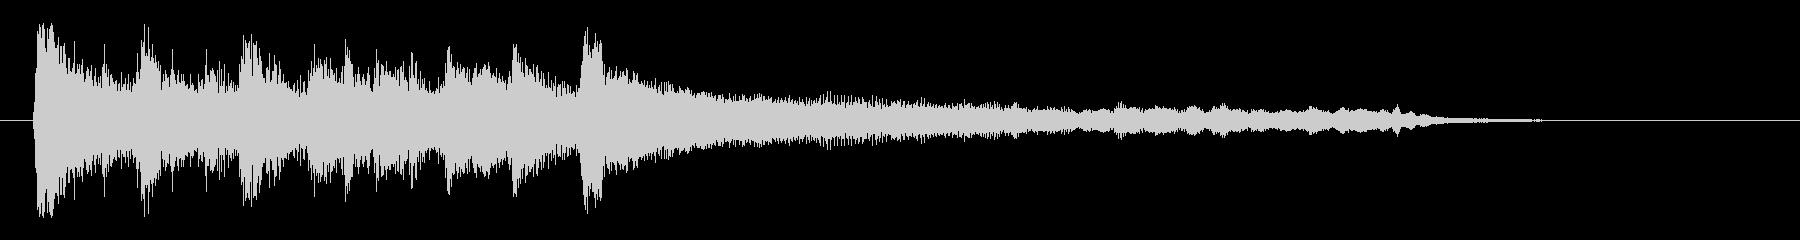 東南アジア風エスニックロゴの未再生の波形